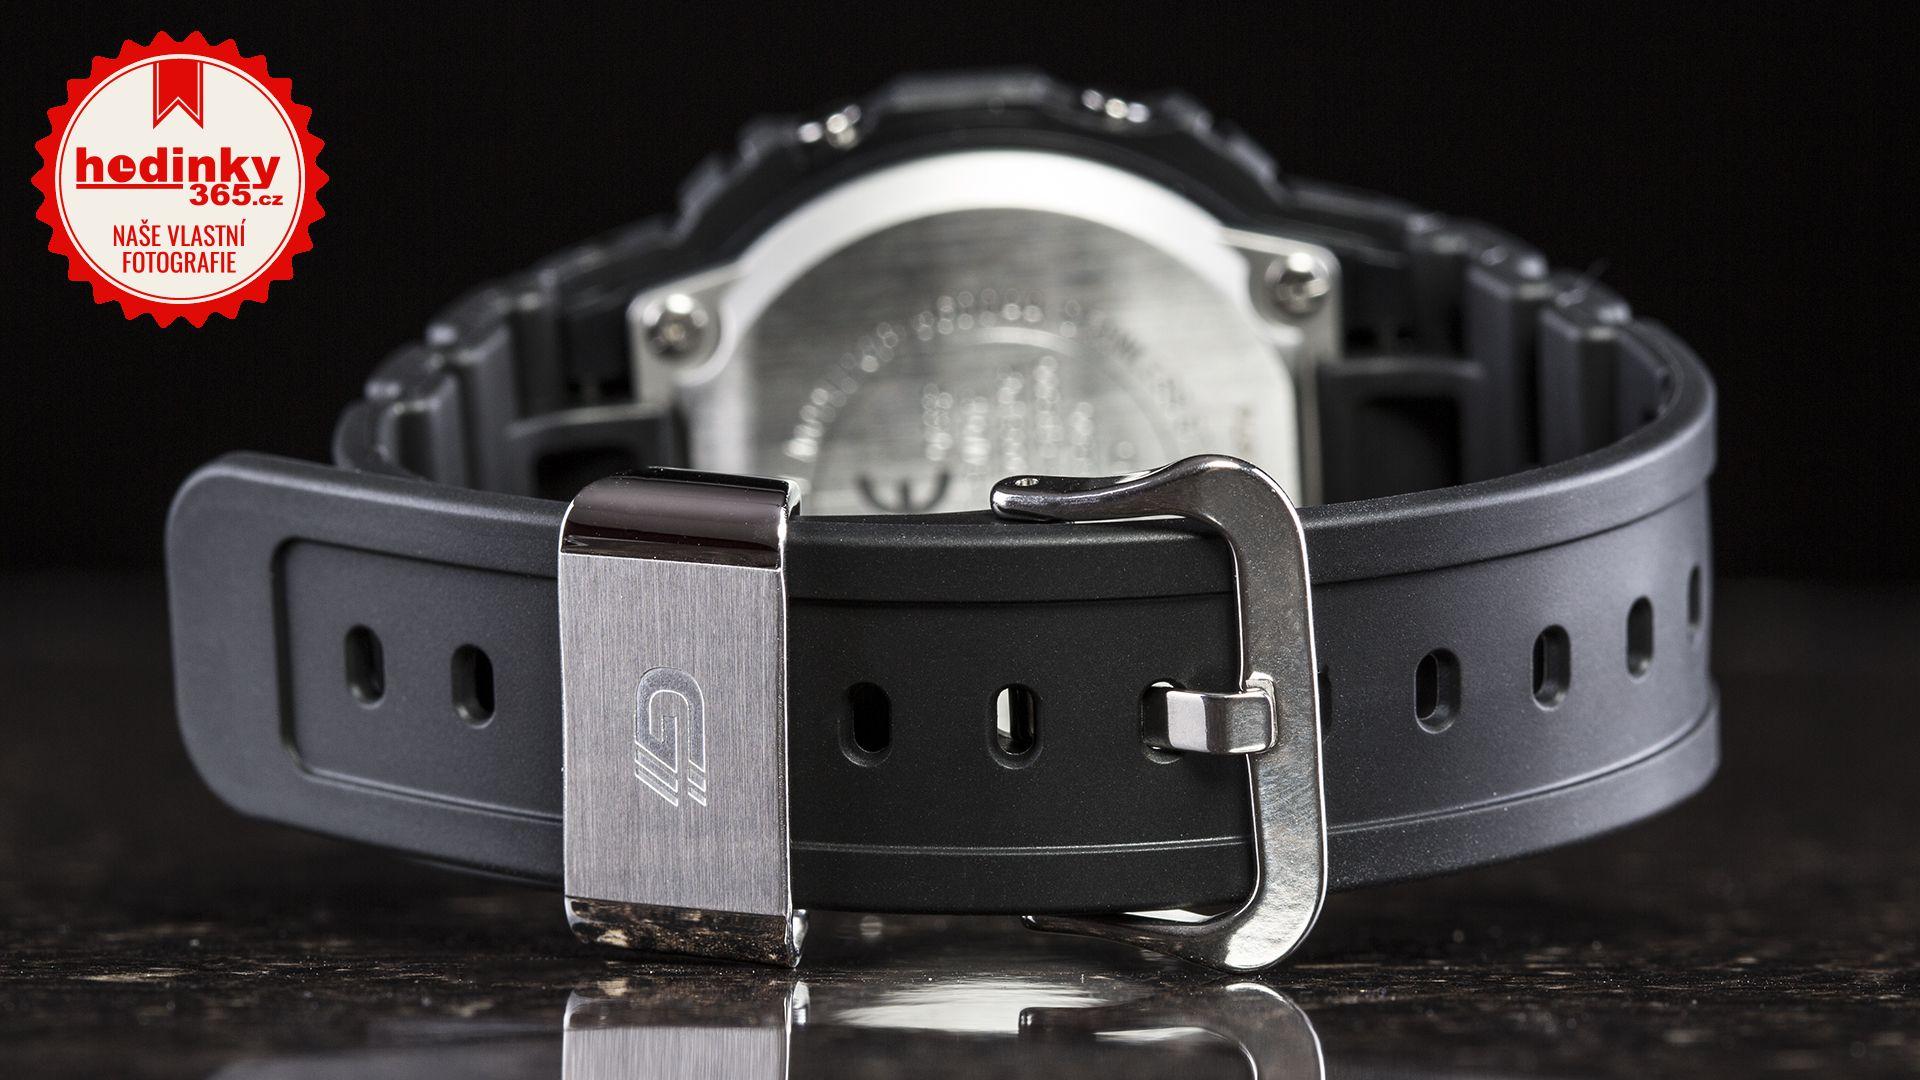 bd55f401099 Casio G-Shock Original GB-5600AA-1ER. Pánské hodinky - pryskyřicový  řemínek